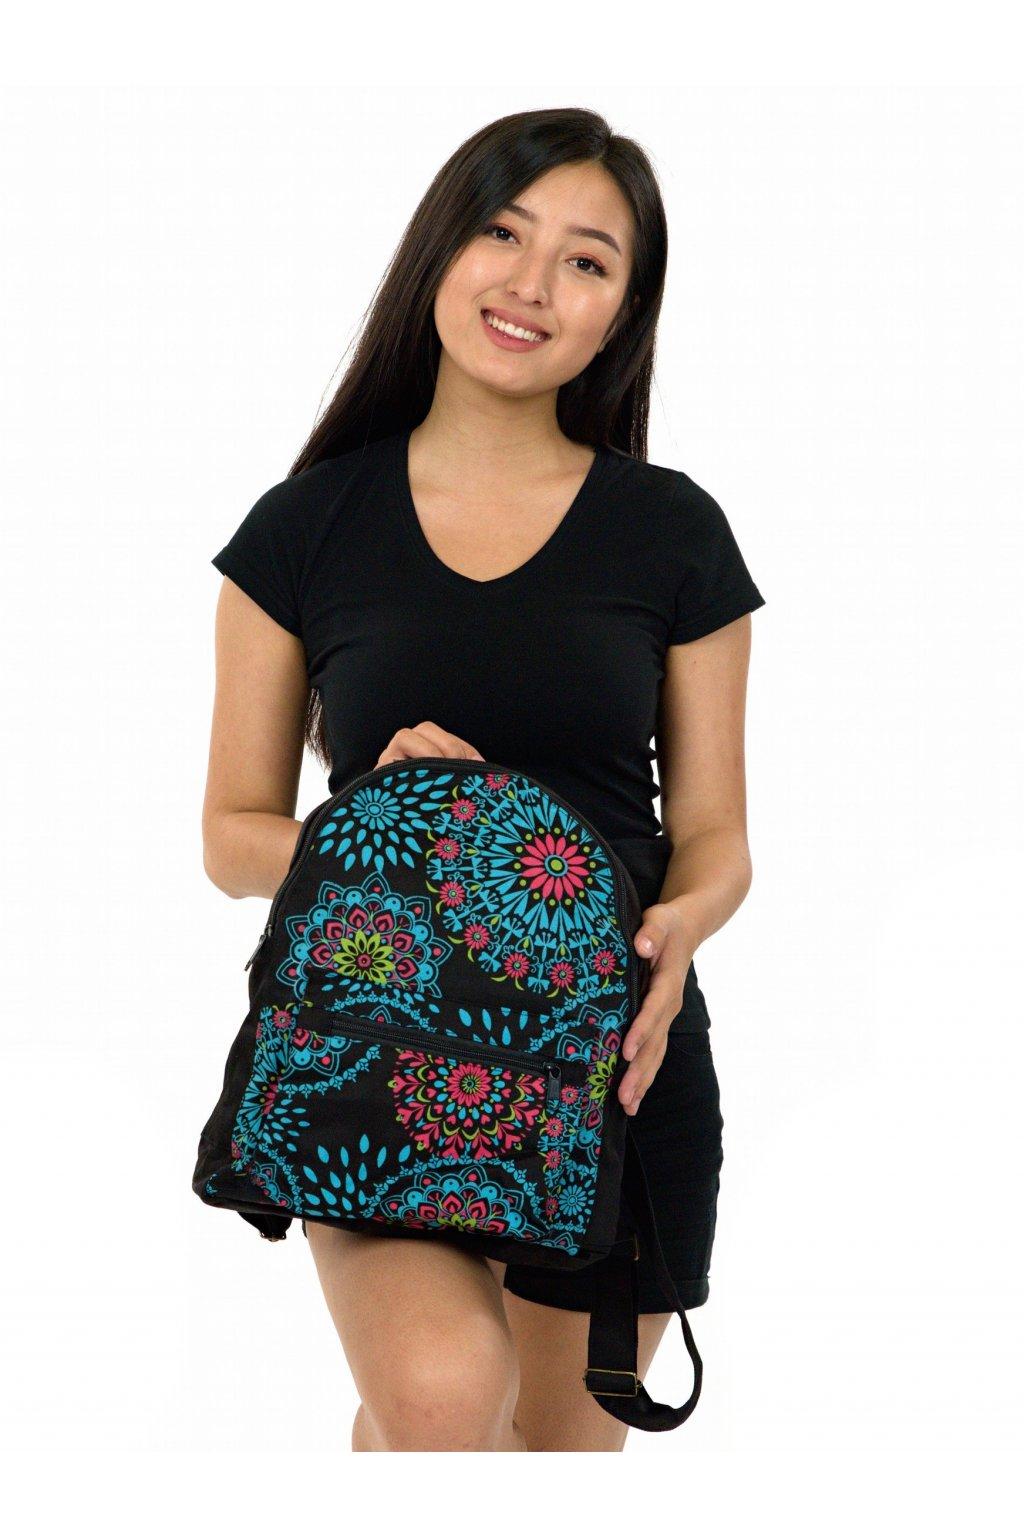 Batoh Molokai - černá s barvami